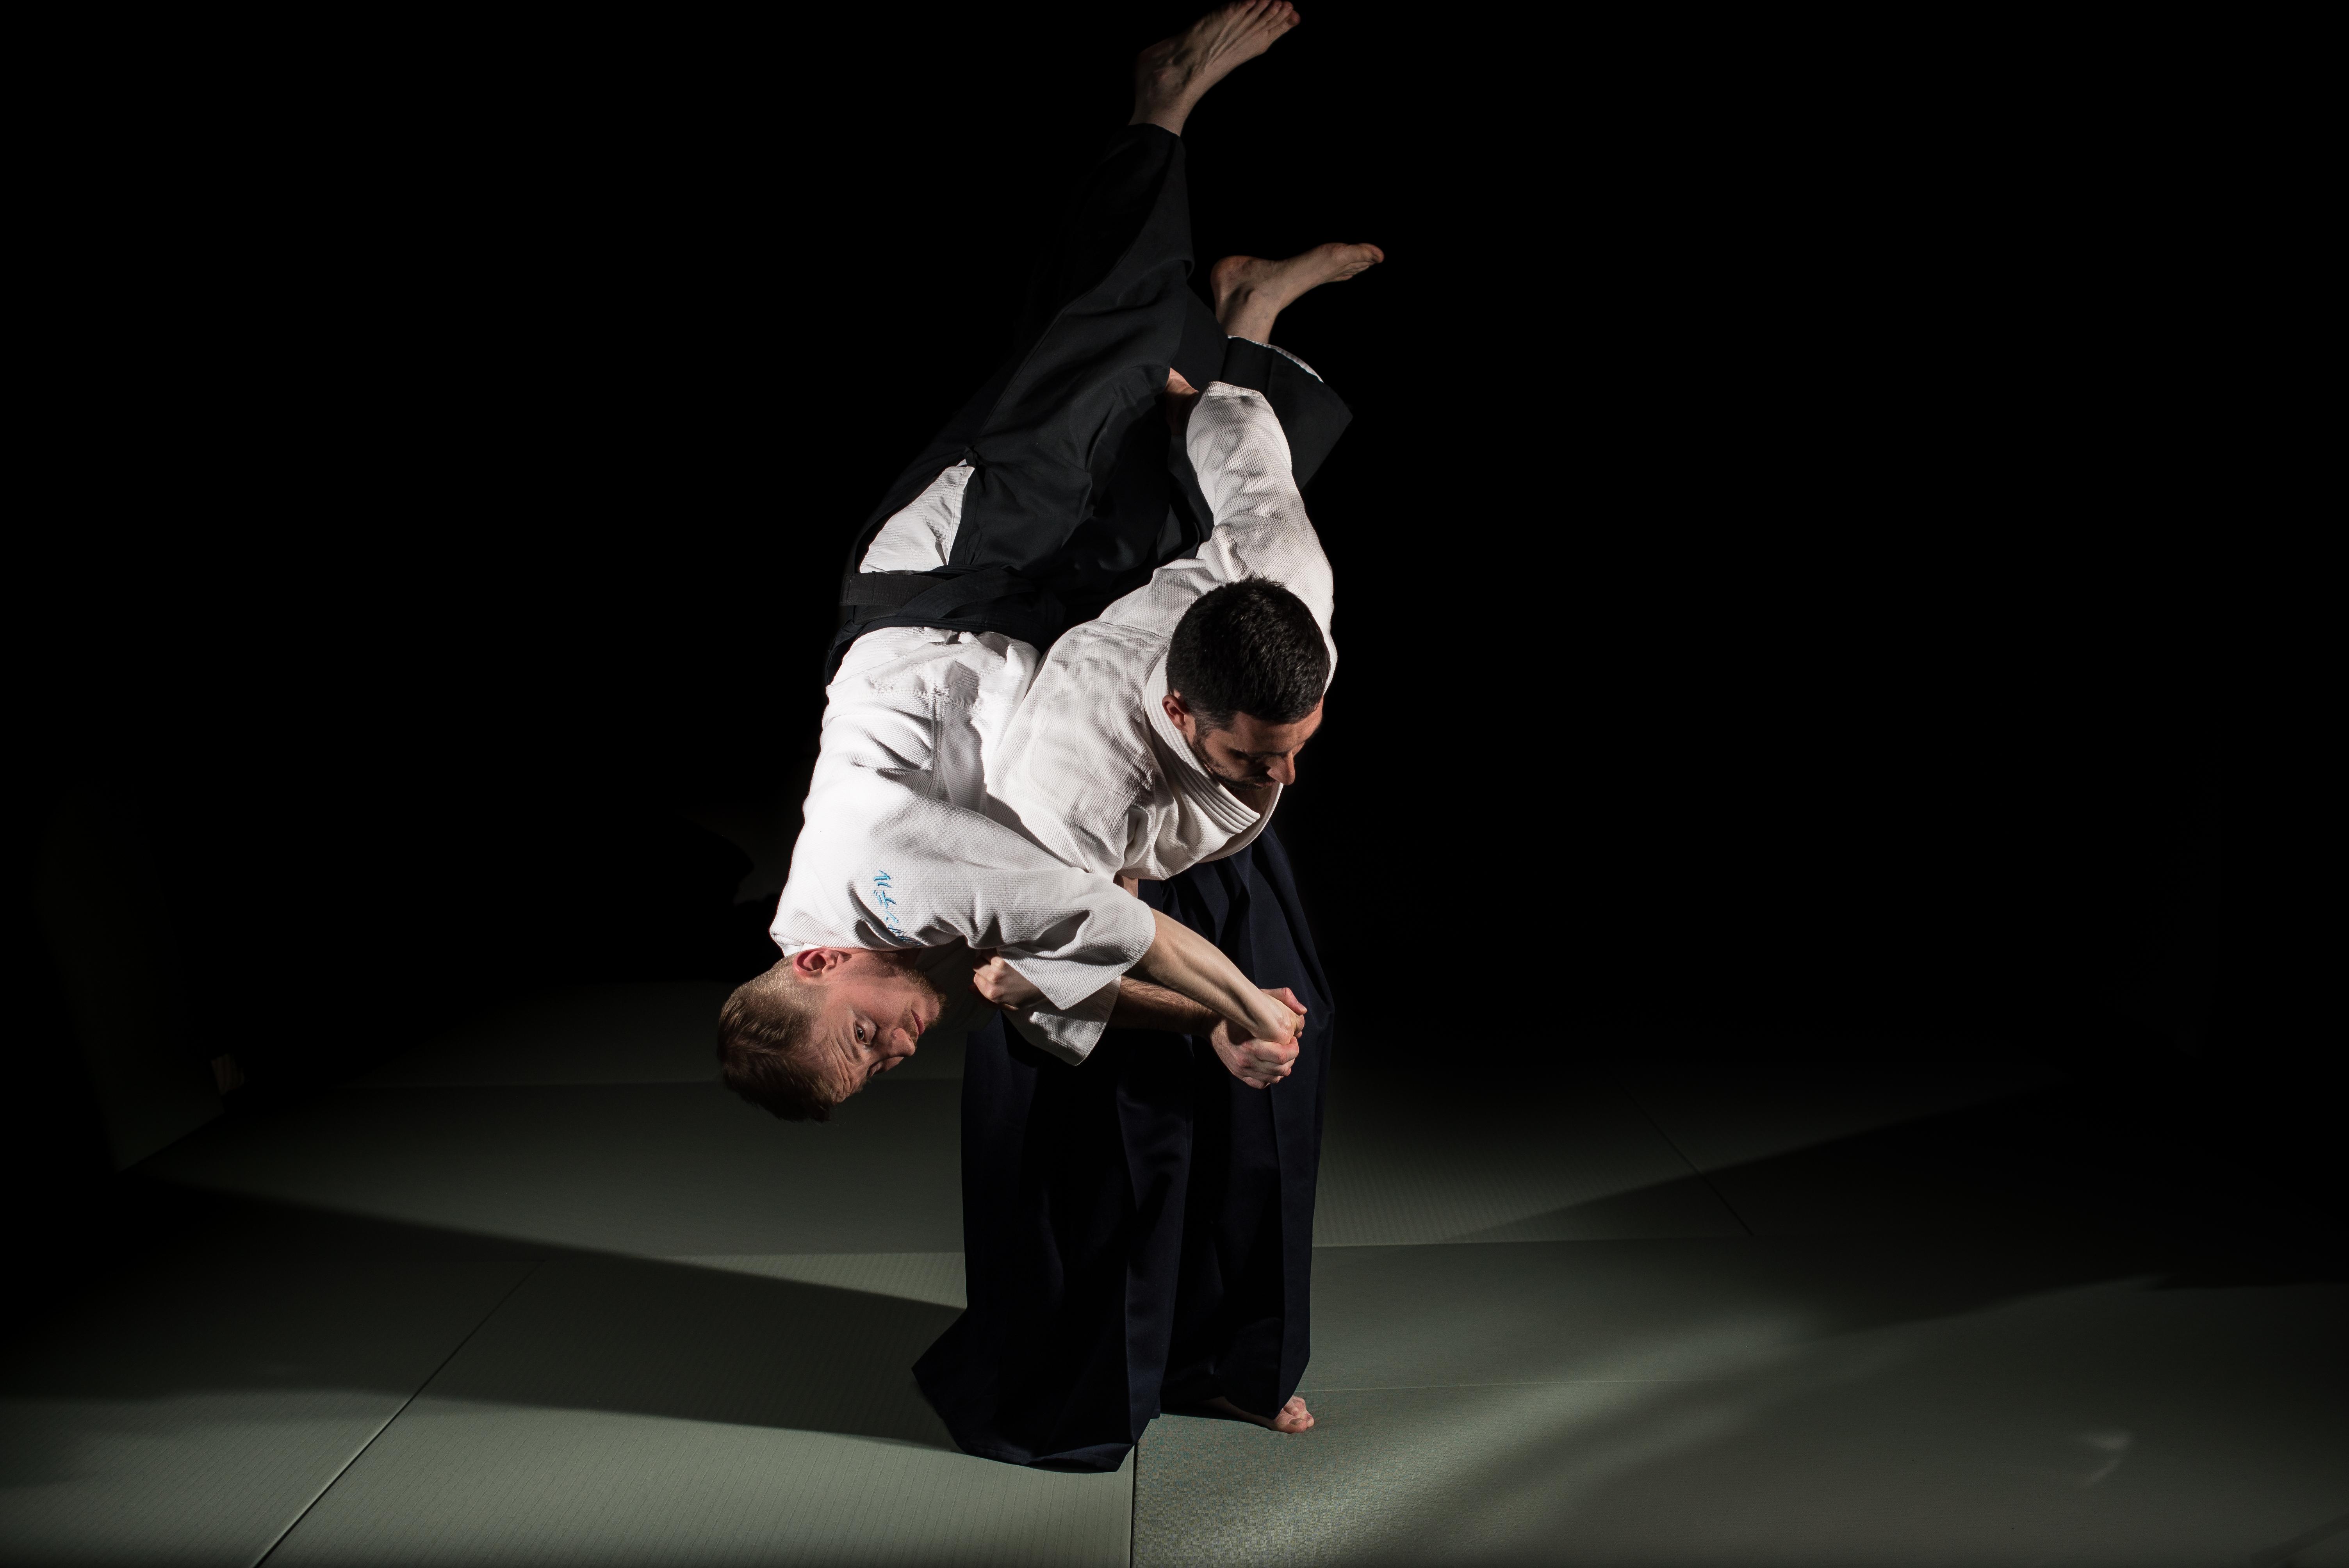 Тренировки по айкидо - кошинаге